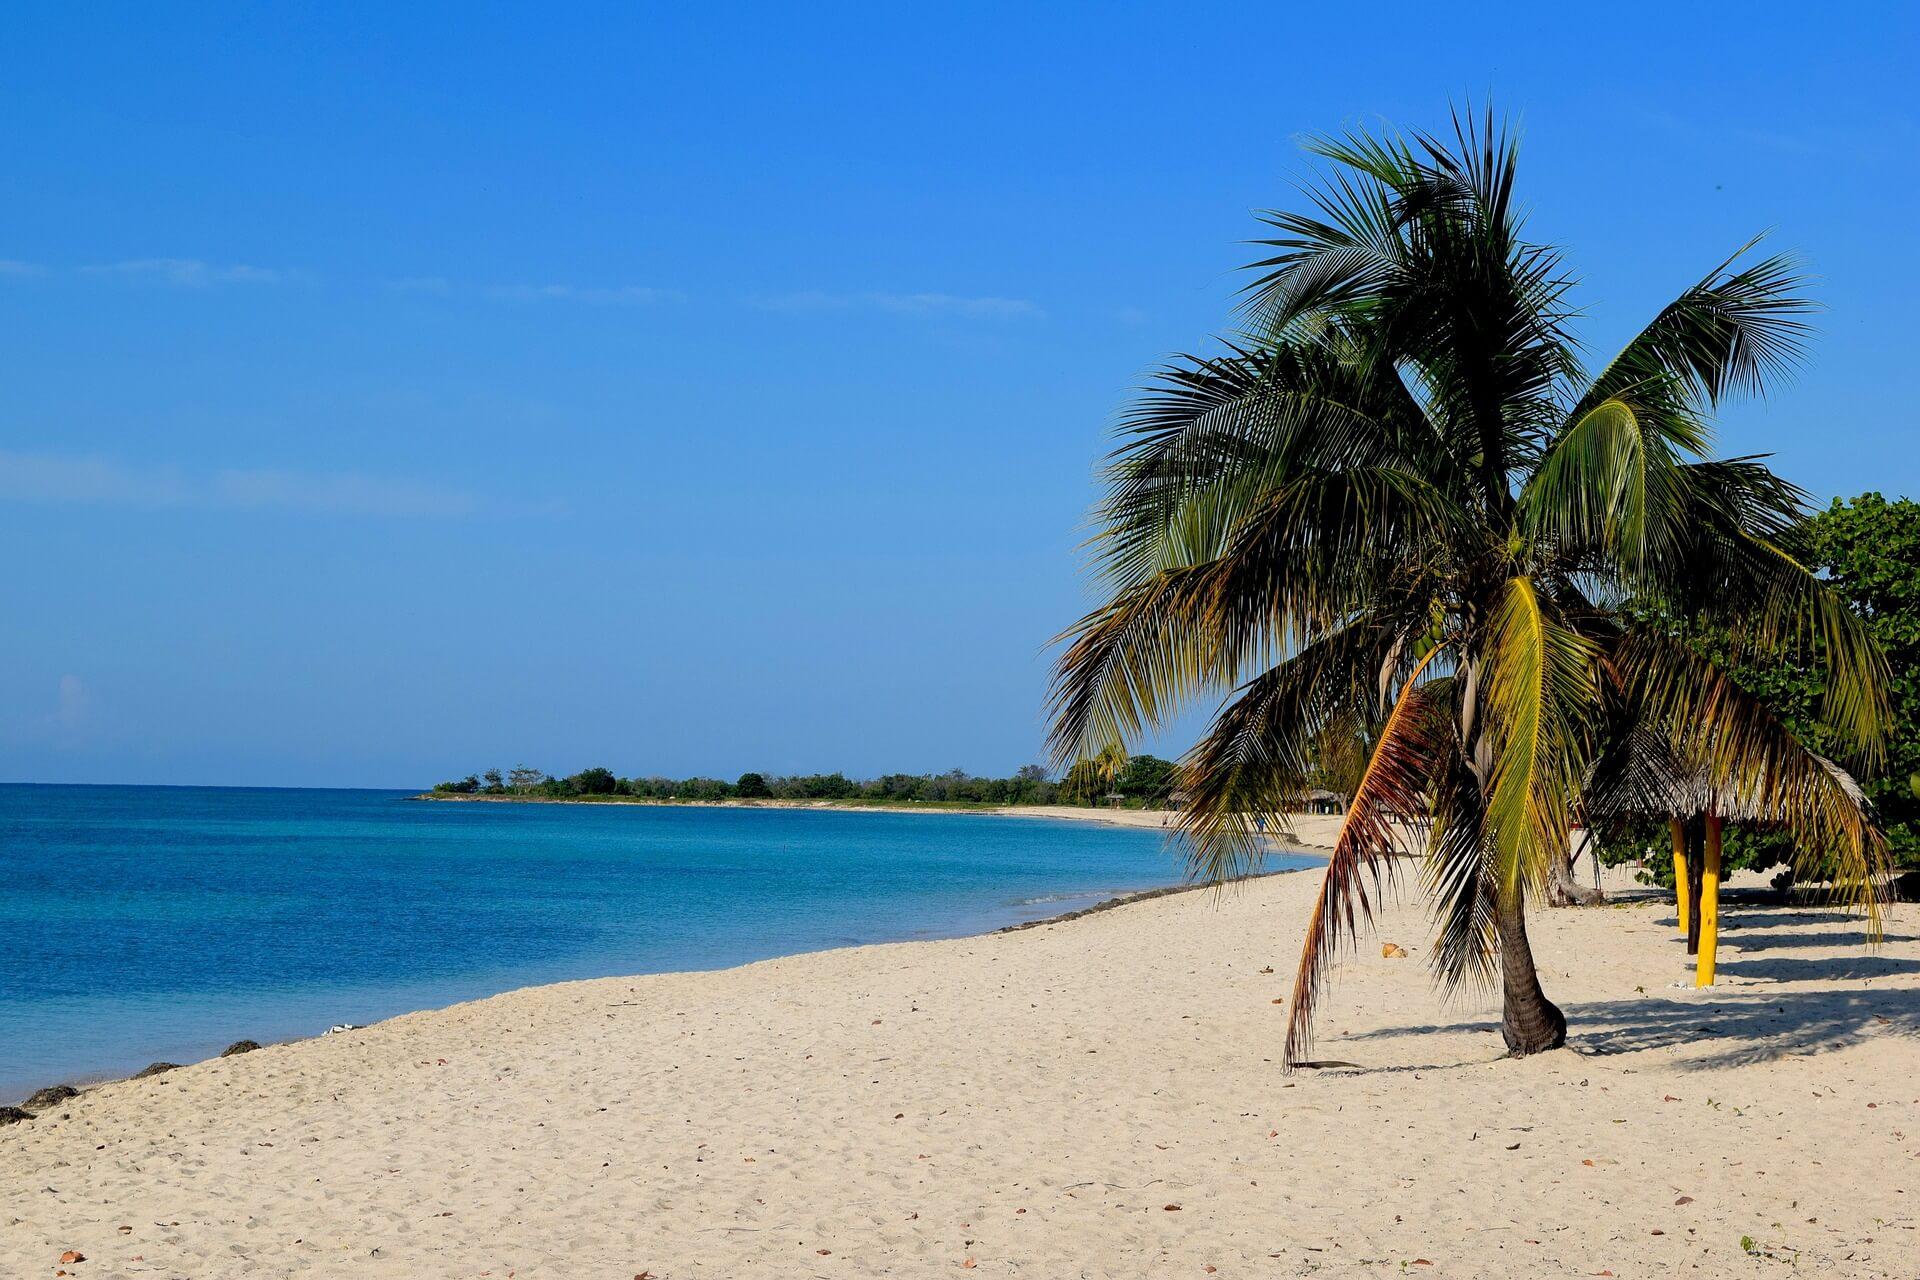 beach-2356300_1920 (1)